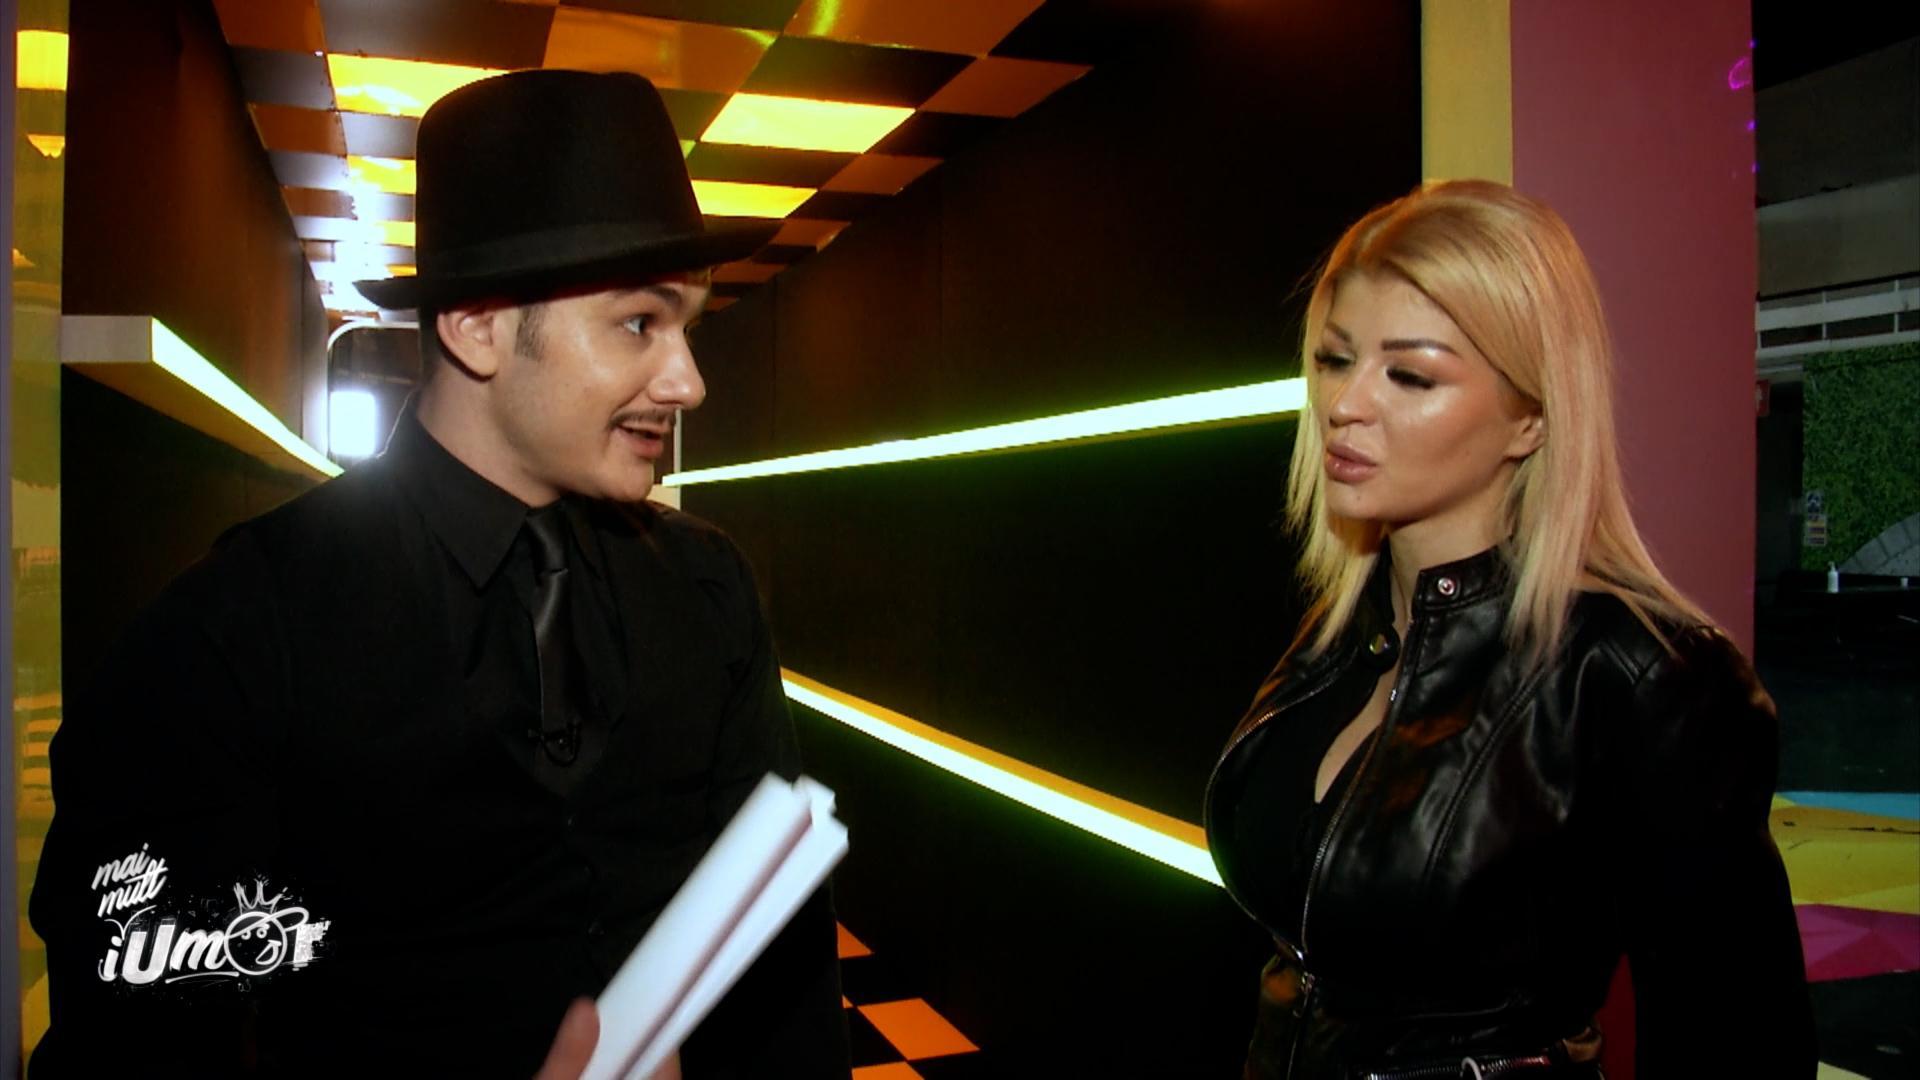 Vlad Drăgulin prezintă iMai mult Umor, episodul 6. Hai să vezi ce surprize din culise a pregătit!